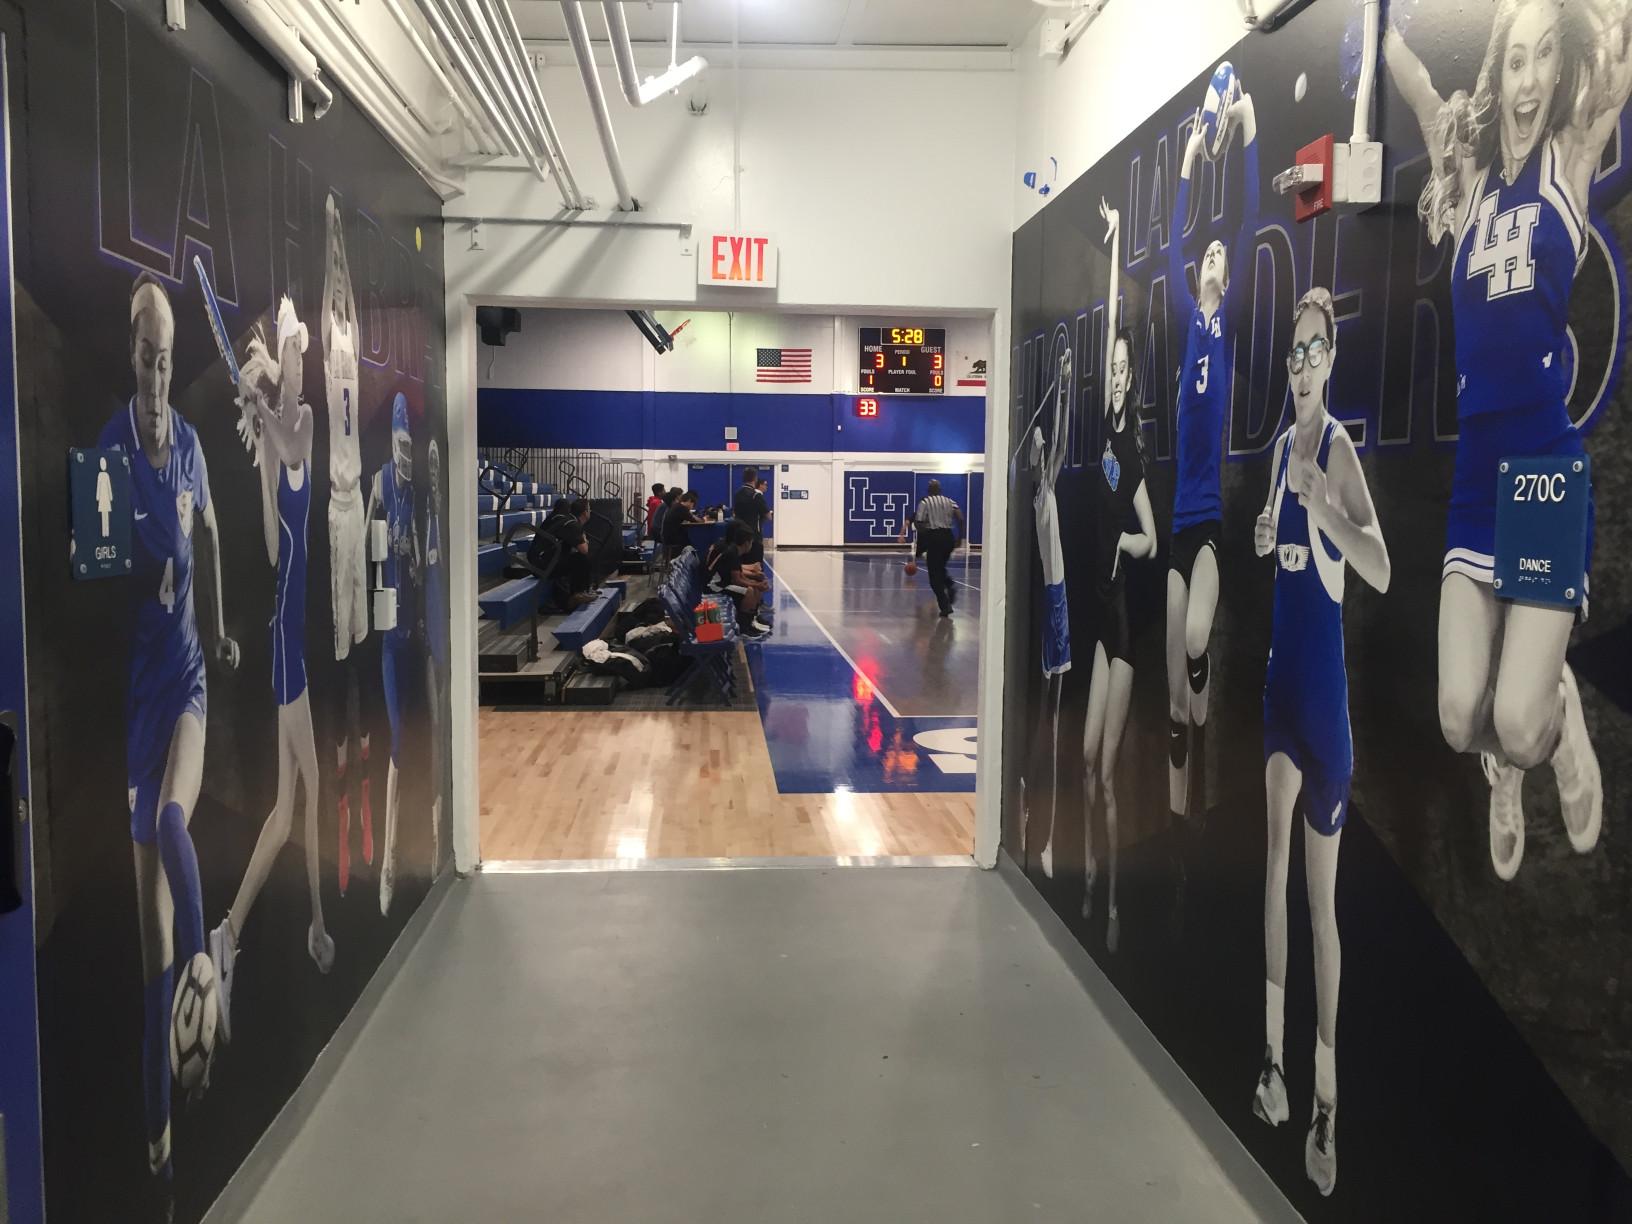 Gym Hallway Wall Murals